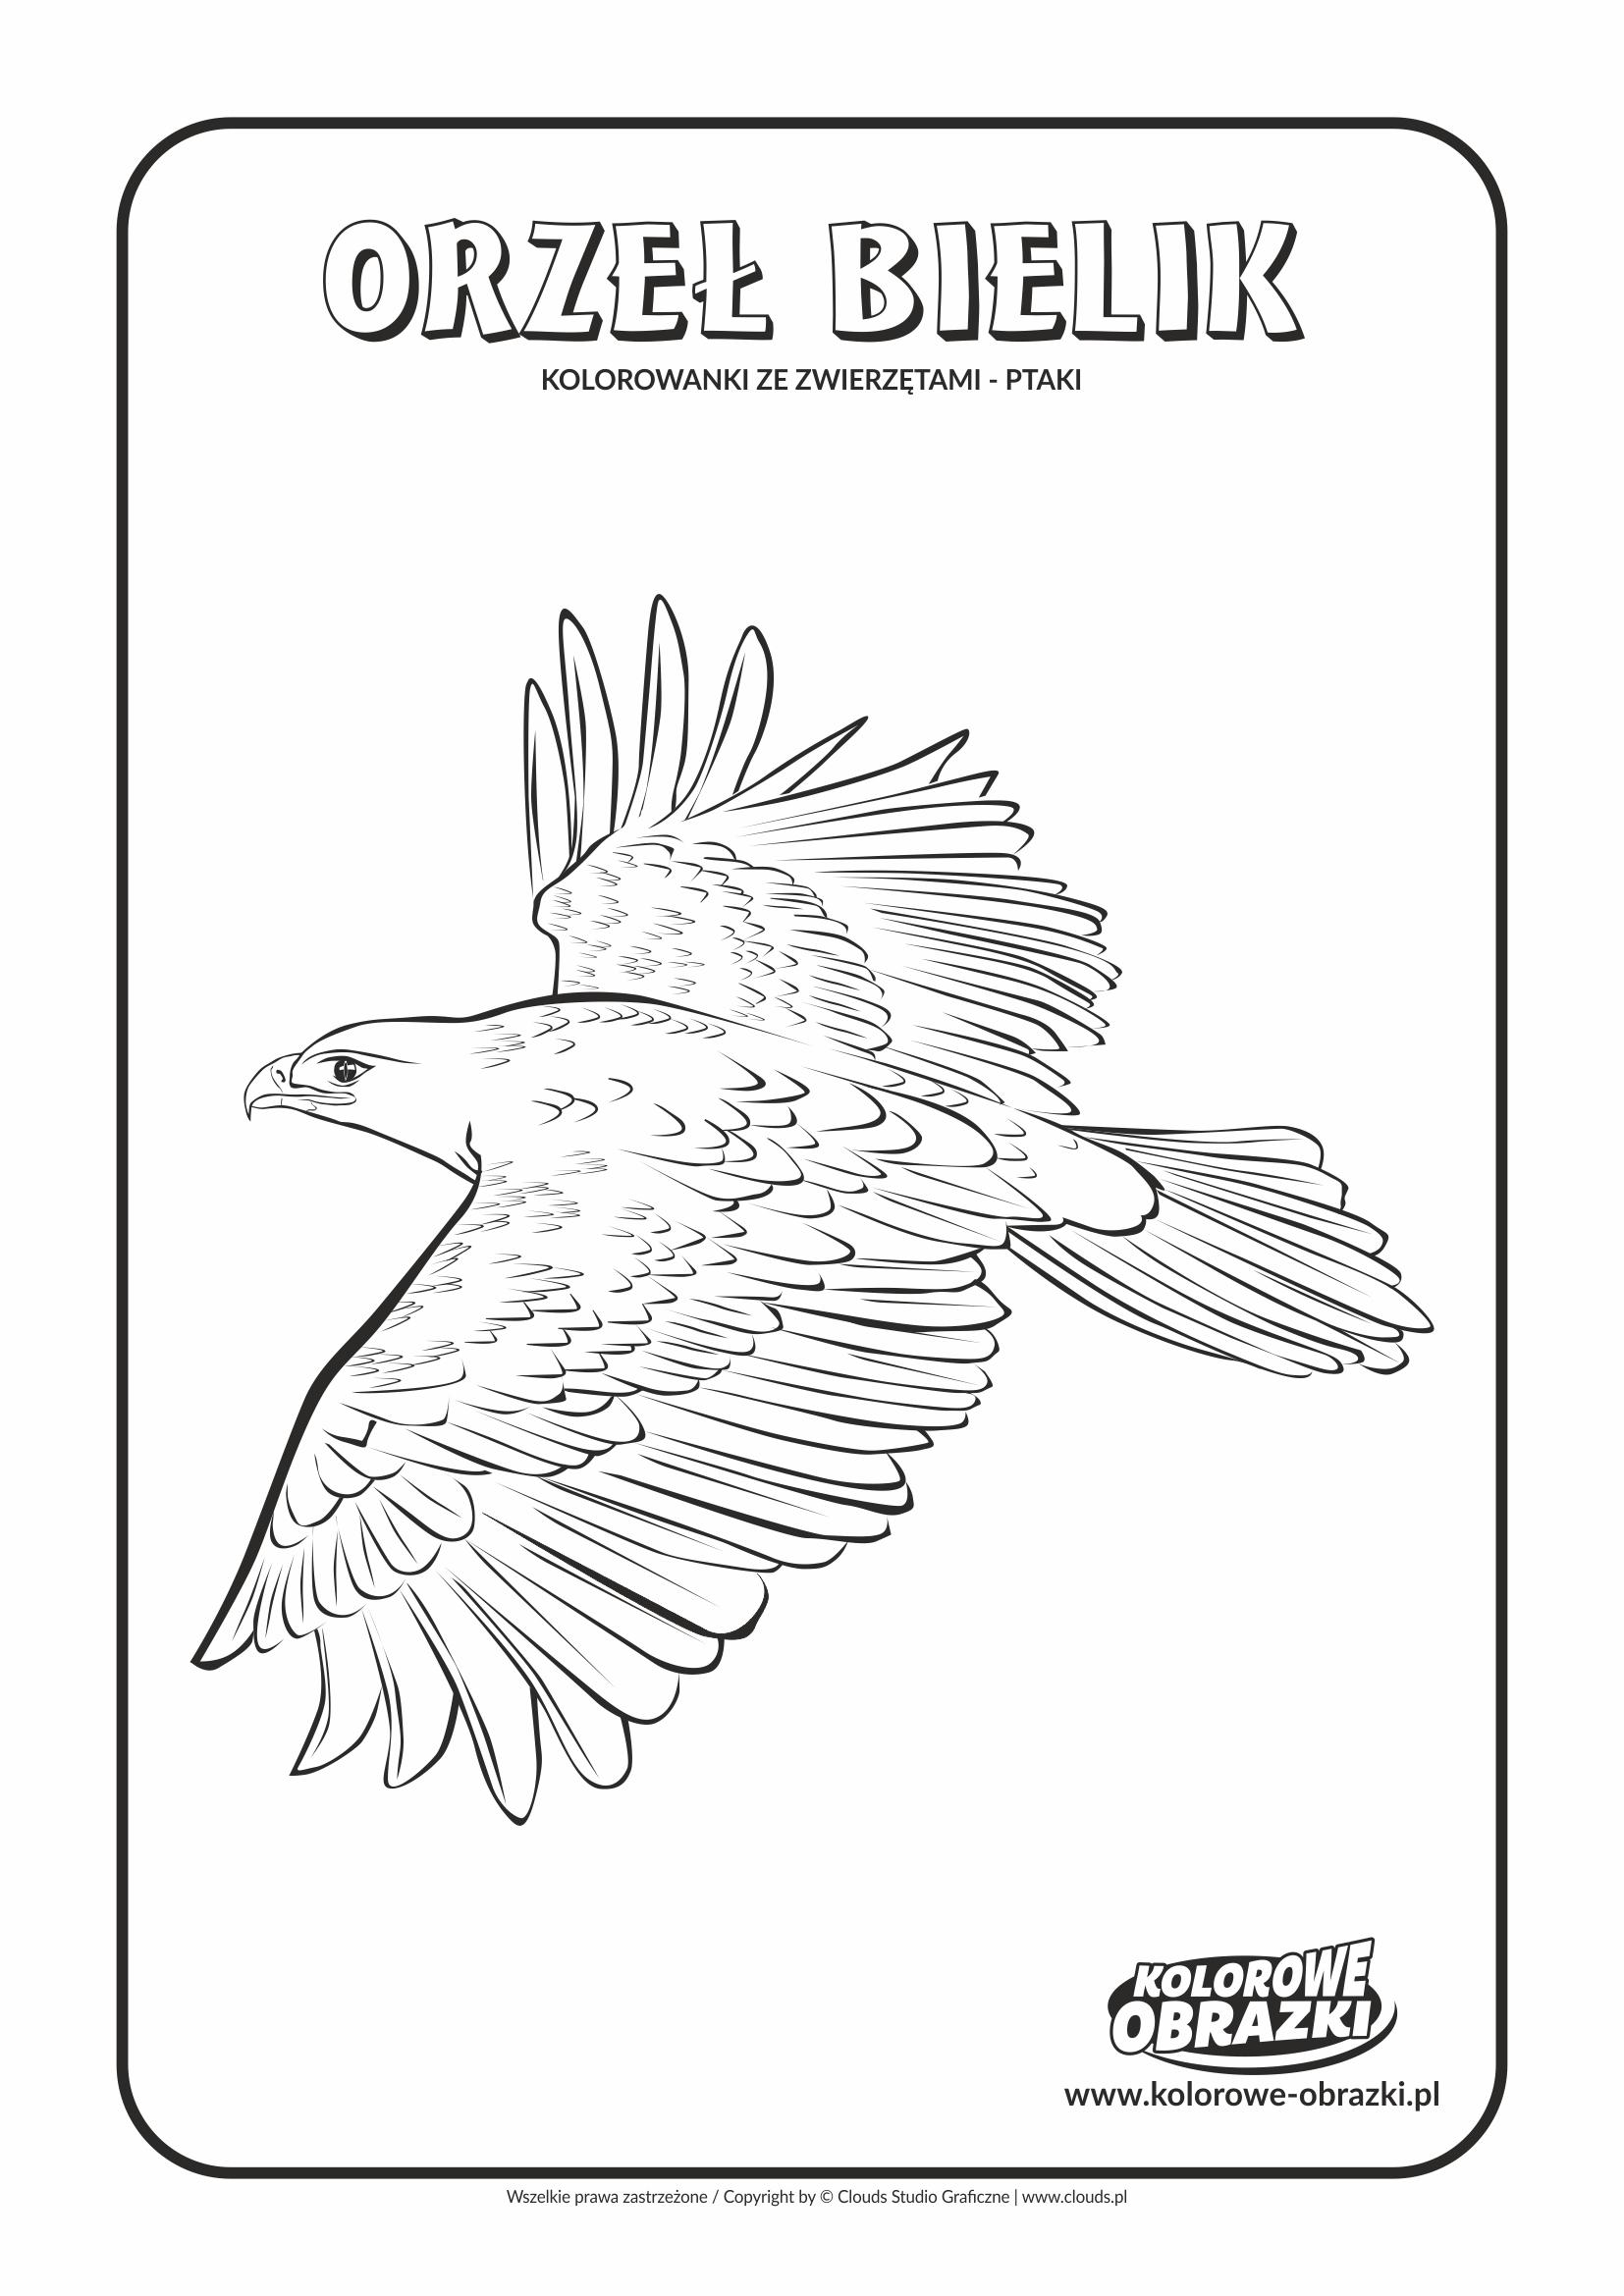 Kolorowanki dla dzieci - Zwierzęta / Orzeł bielik. Kolorowanka z orłem bielikiem